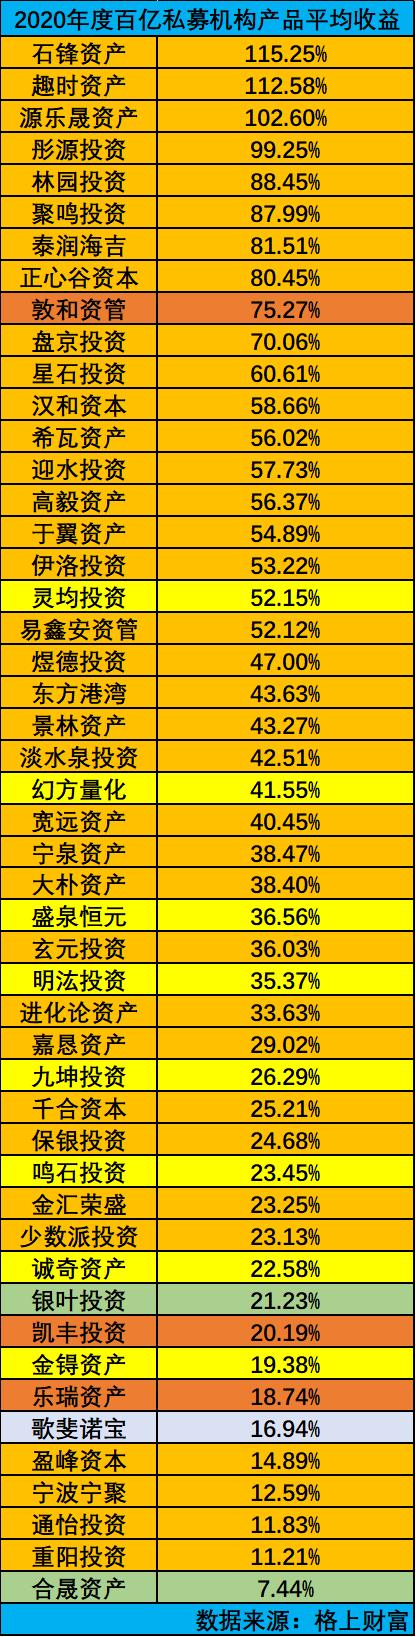 私募巨头2020榜单:石锋资产平均收益115% 合晟资产平均7.44%